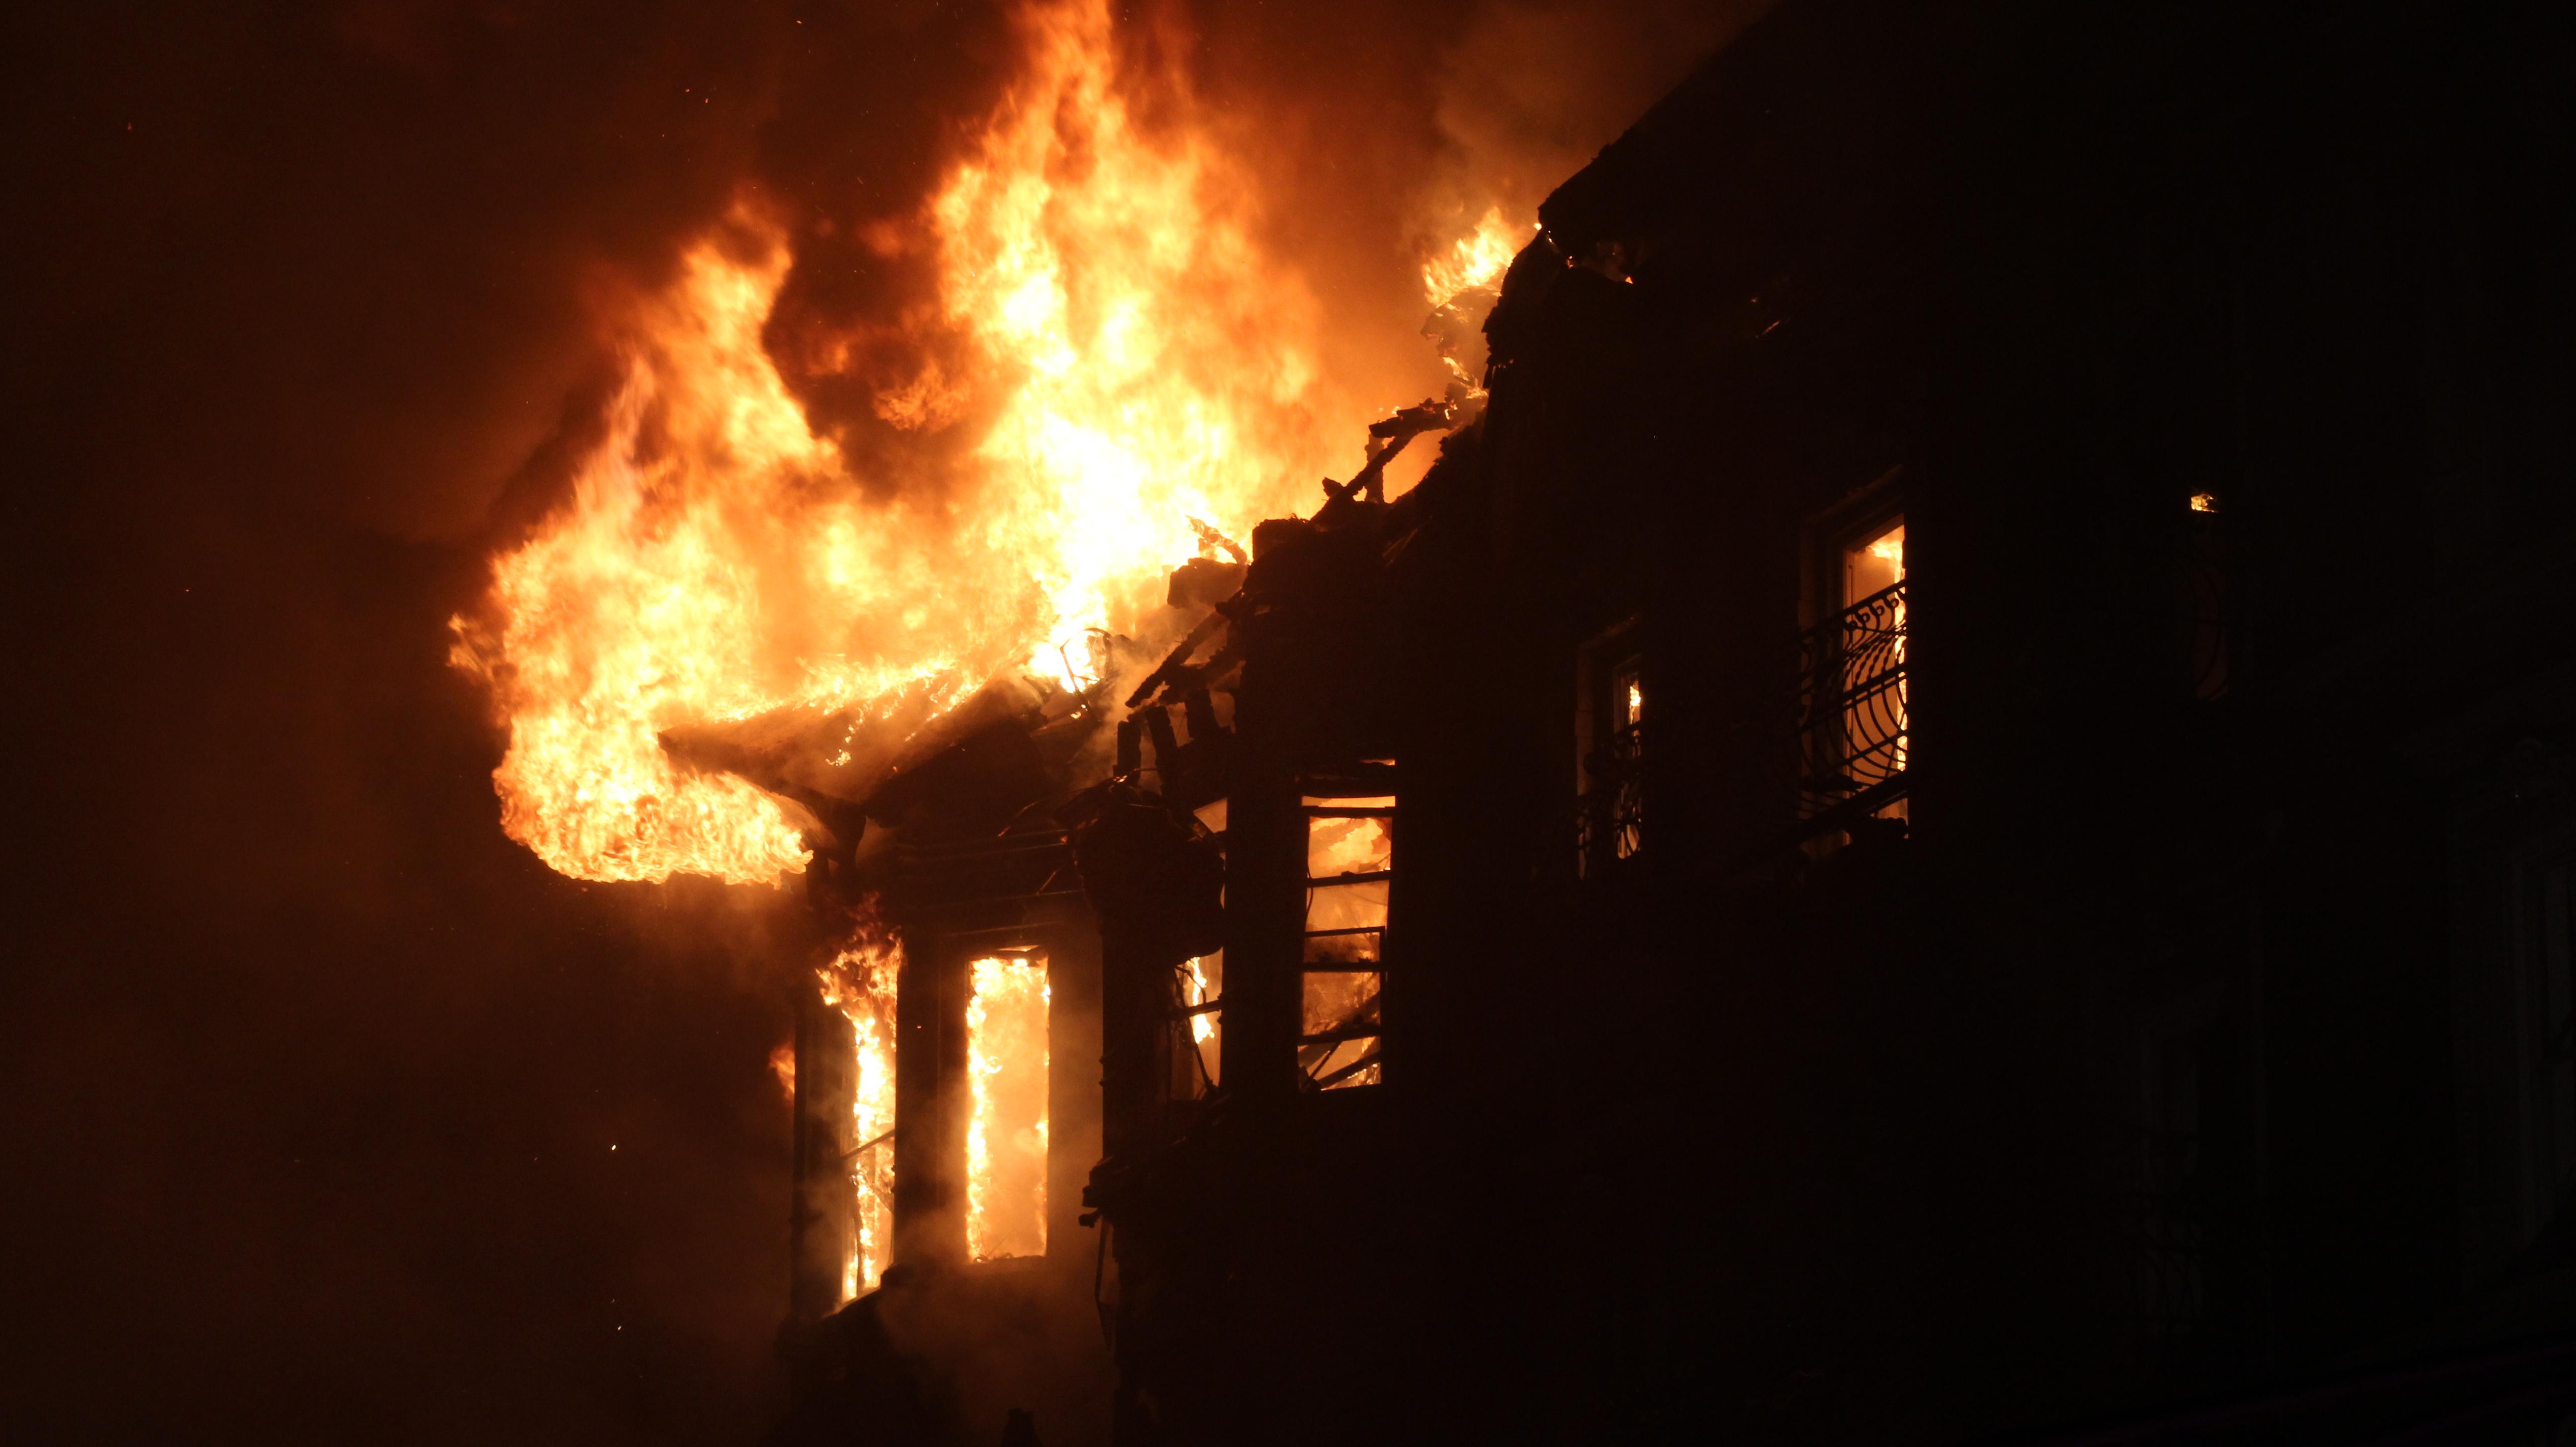 Hoboken Fire